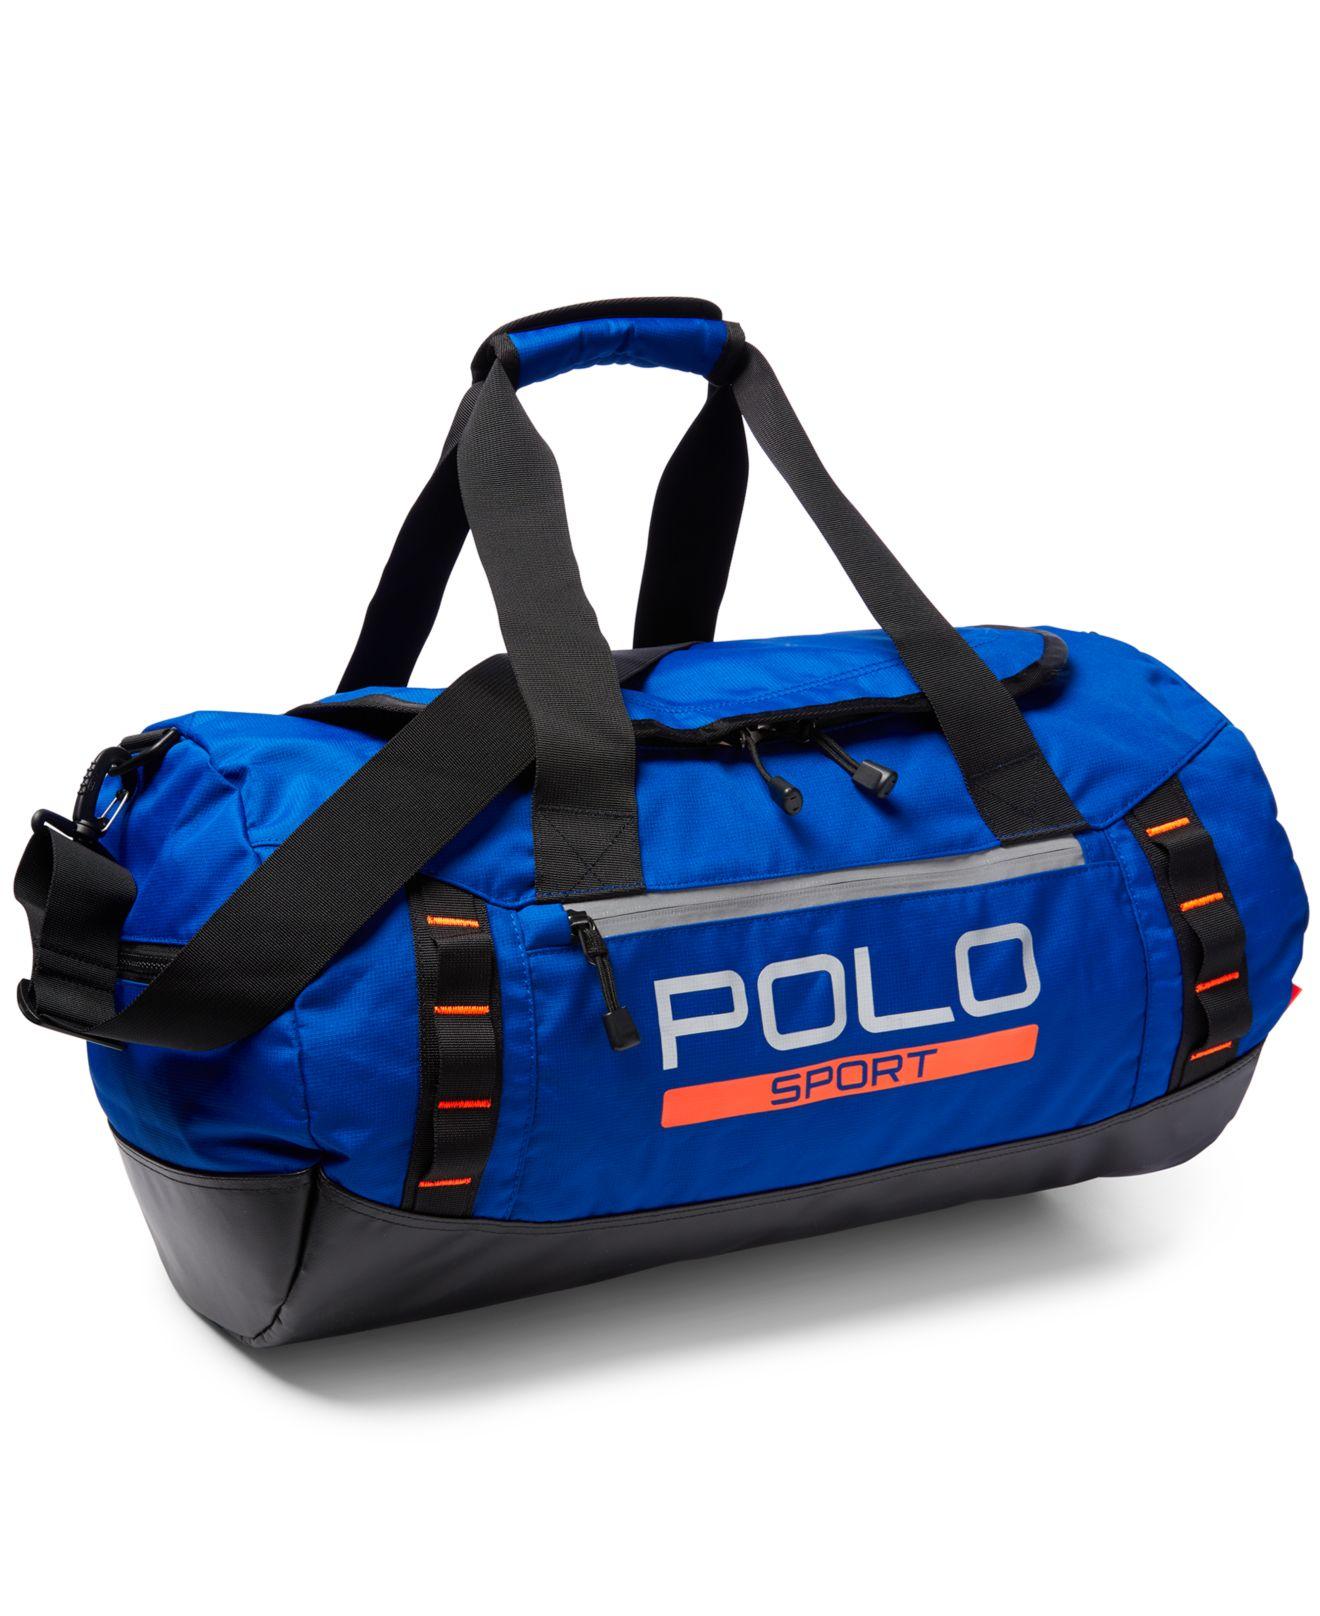 Lyst Polo Ralph Lauren Polo Sport Duffel Bag In Blue For Men